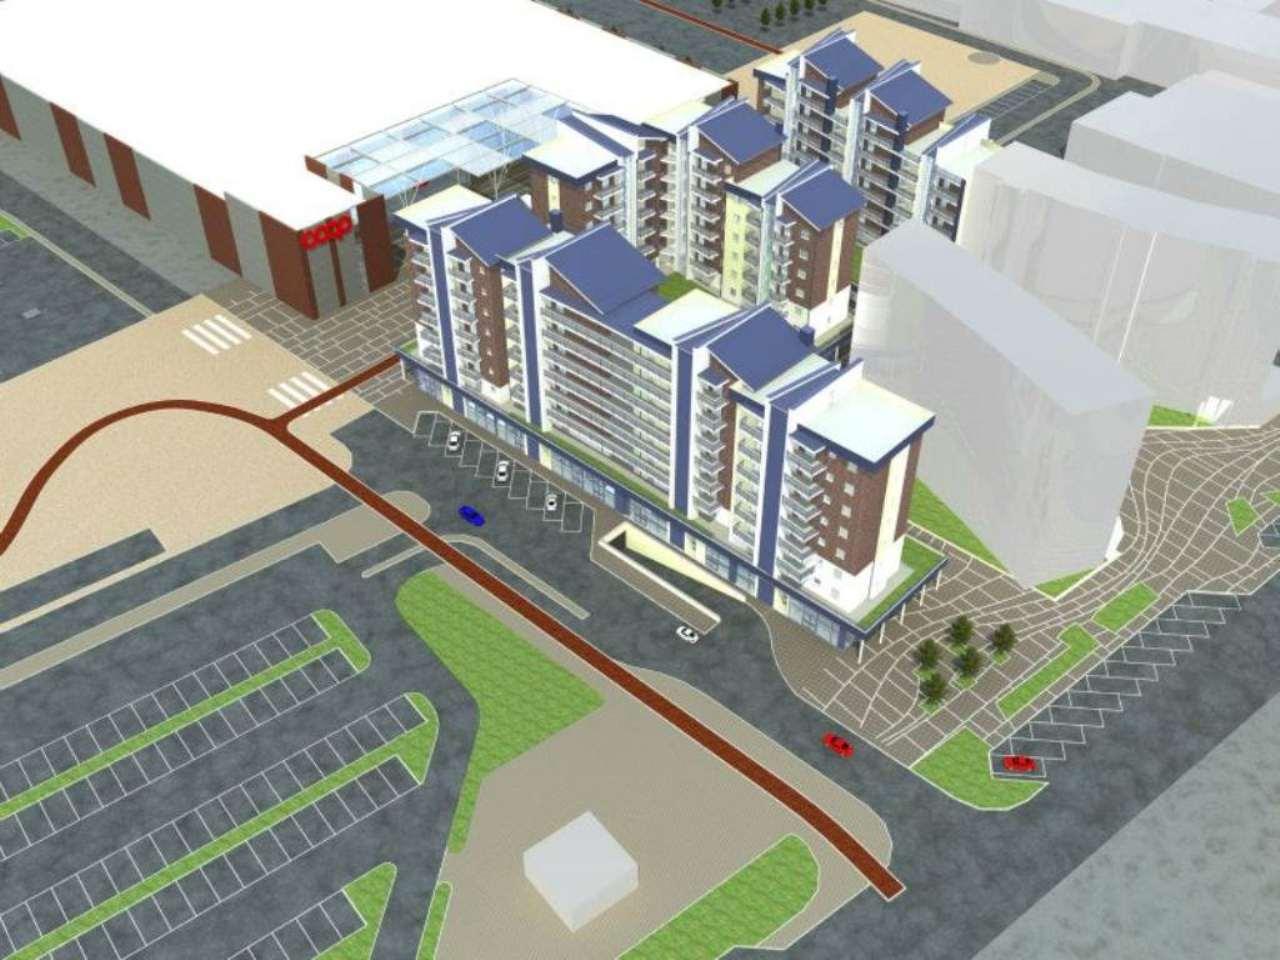 Immagine immobiliare Locale commerciale Lotto 18Locale commerciale open space di nuova costruzione a pochi passi dalla fermata Fermi della metropolitana e dall'area dove sorgerà la Coop.L'area commerciale si sviluppa attorno ad un contesto...